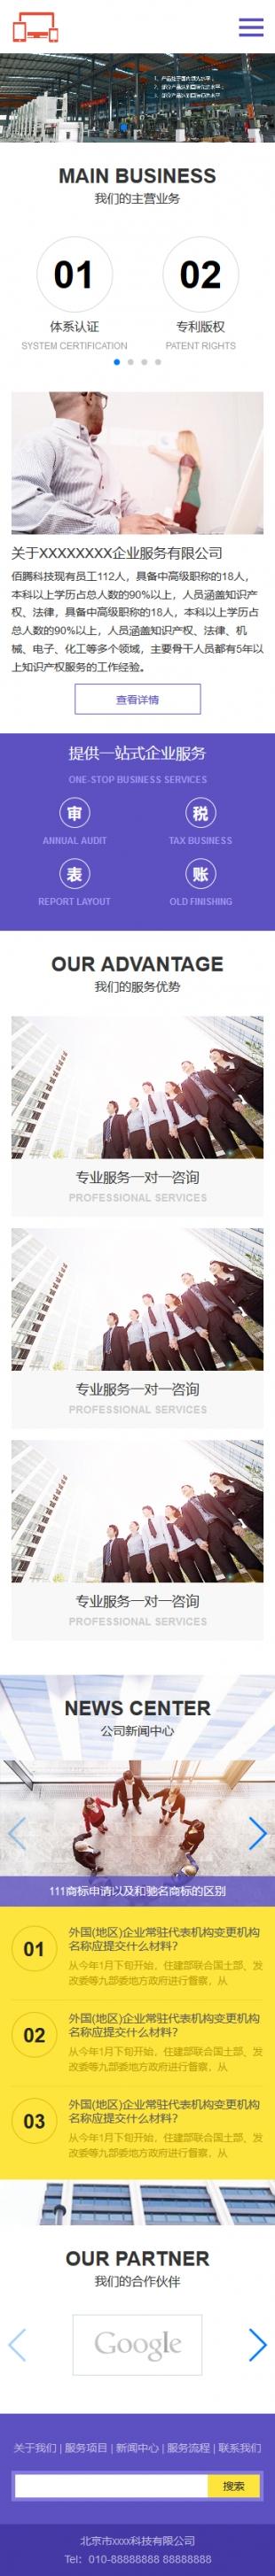 公司认证专利申请等企业服务行业类网站源码模板响应式网站手机图片